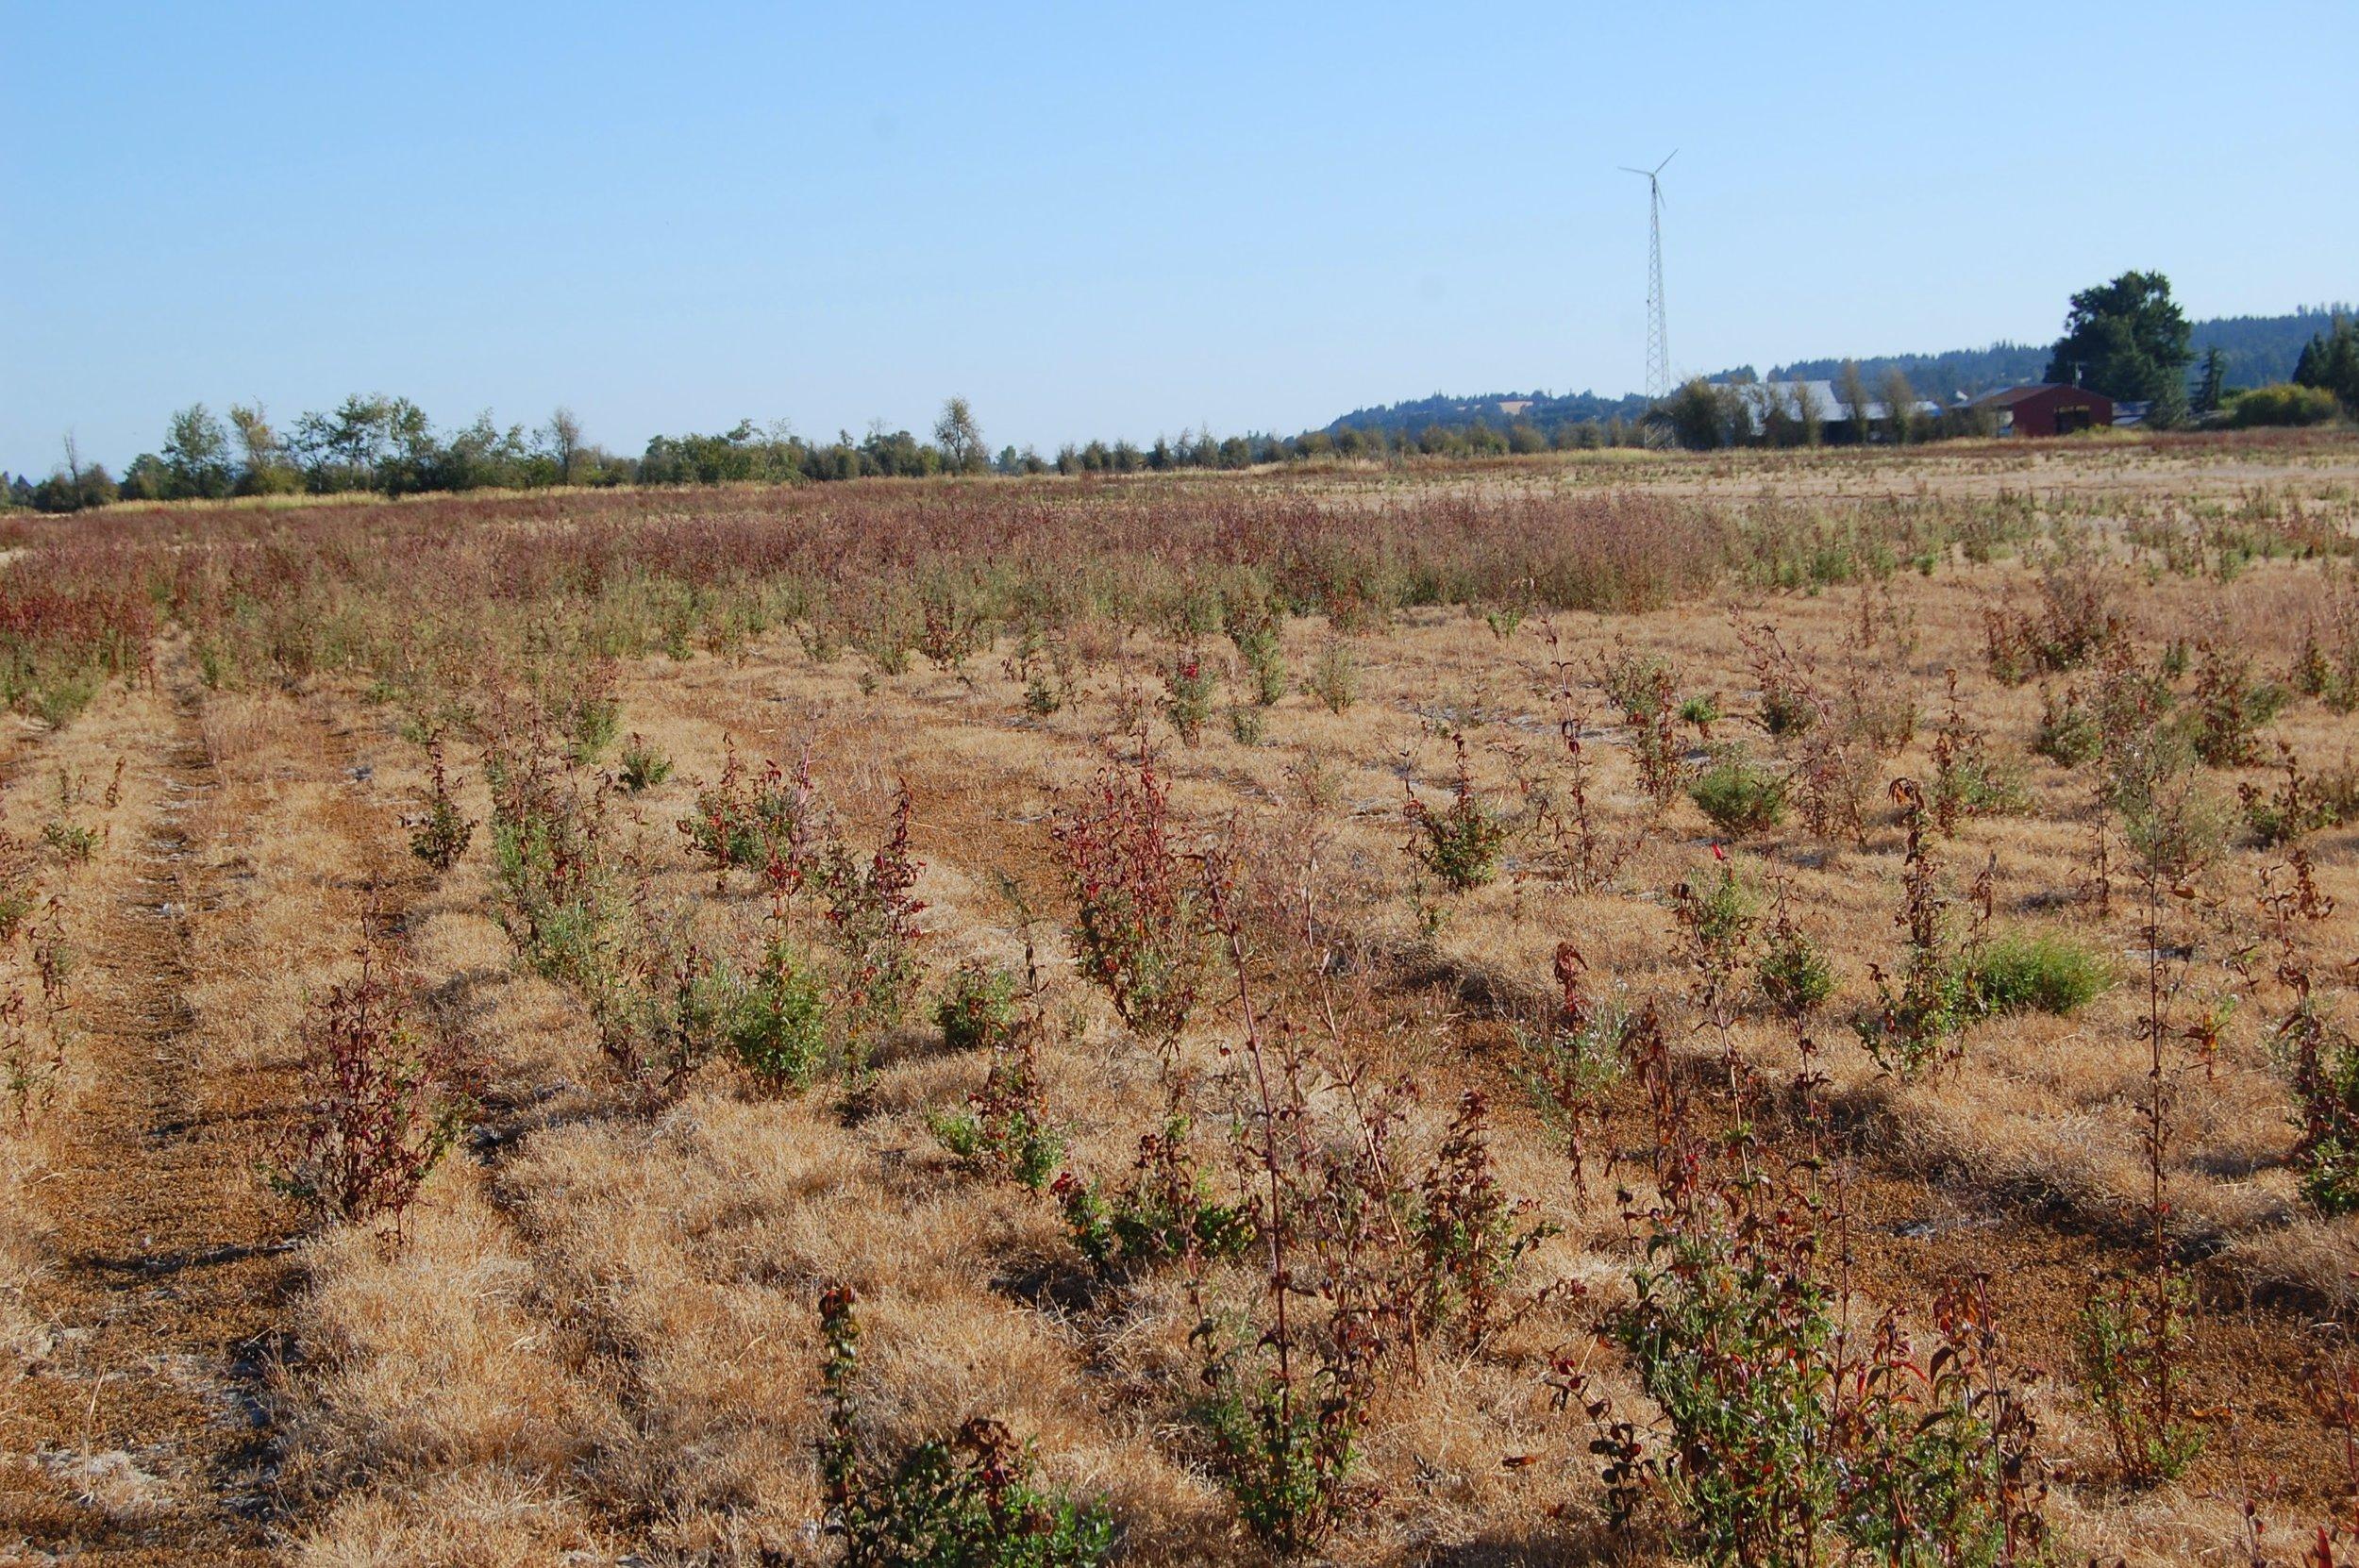 NE corner field. Non-native vegetation.